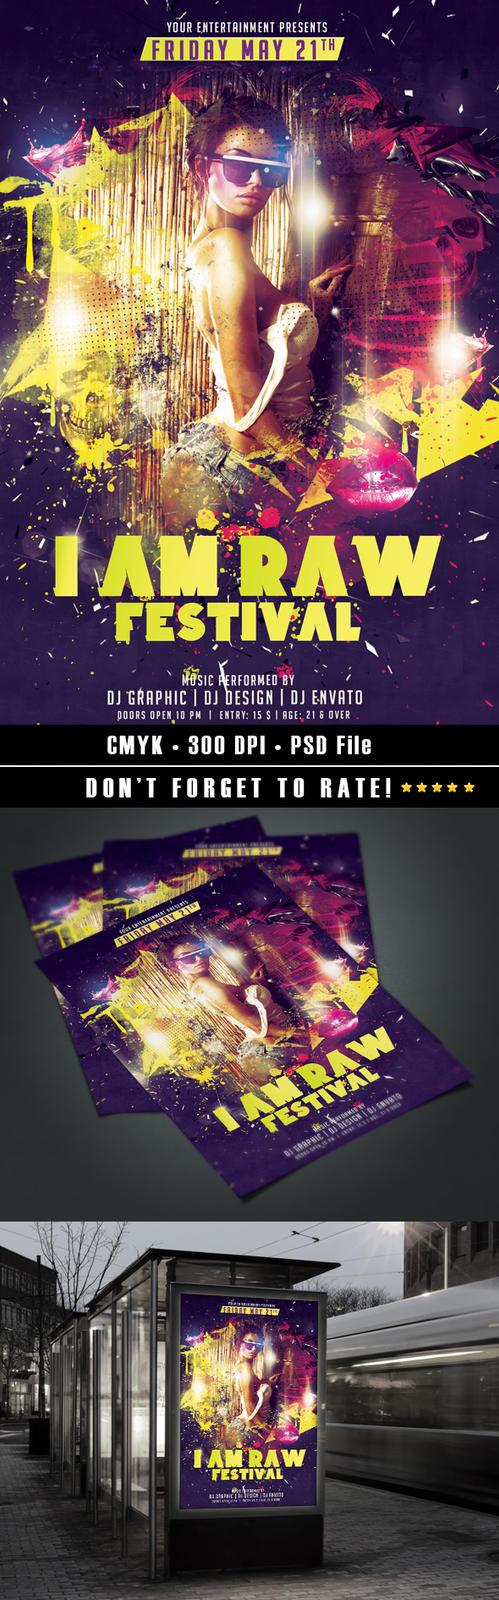 I AM RAW Festival by HDesign85